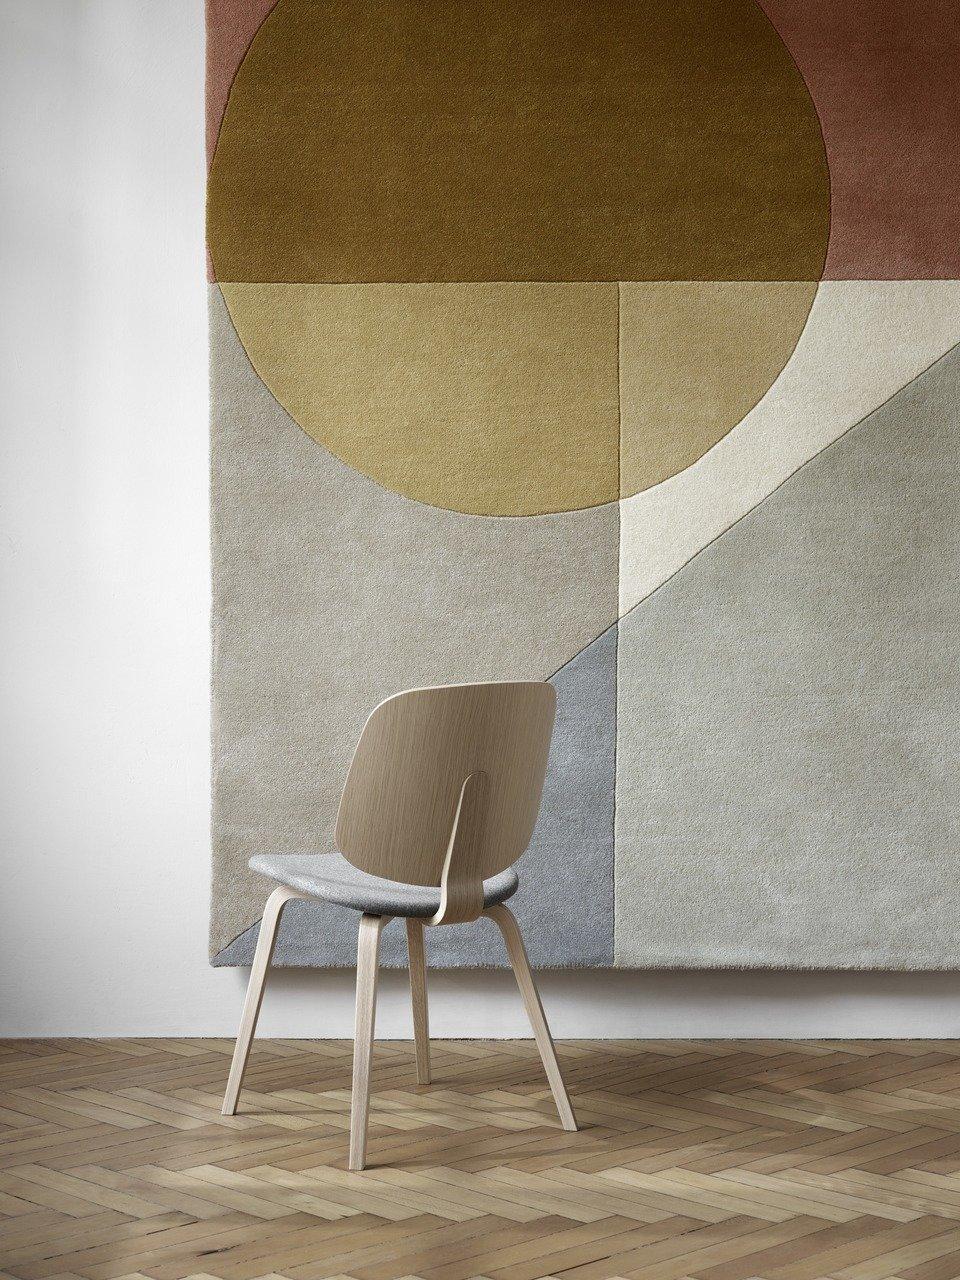 1.589,- Krzesło Aarhus, jasnoszara tkanina Lux Felt 2310/fornir dębowy. W83/47xS50xG54cm. [Aarhus - 0100]. <br>3.468,- Dywan Adana, kolor musztardowy, 100% wełna. S170xDl.240cm. [Adana]